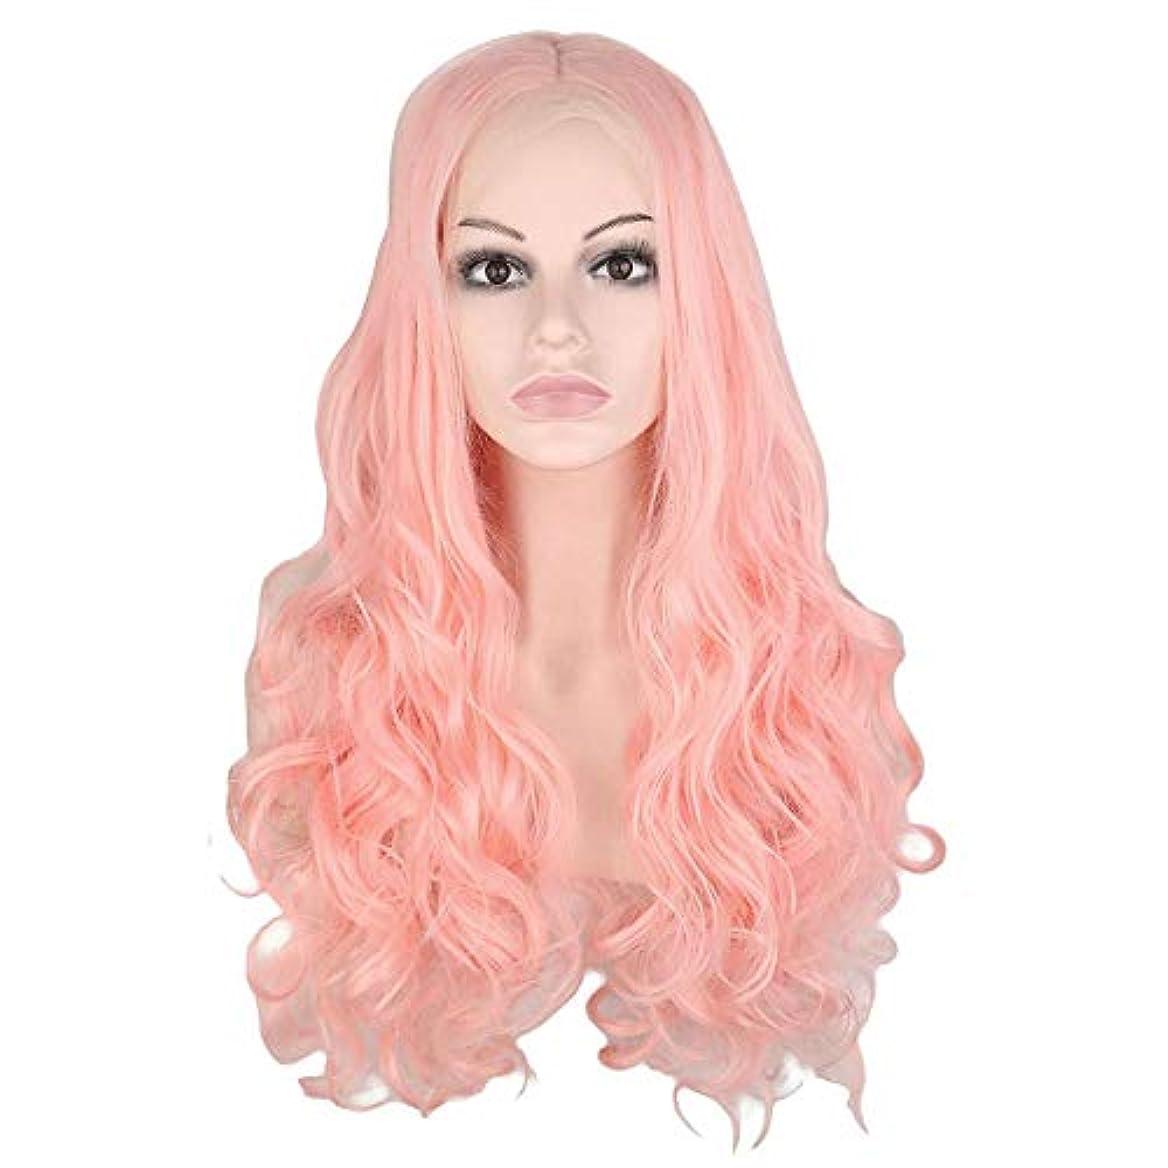 傷つける最終的に発表ウィッグ つけ毛 26インチレースフロントウィッグブロンドピンクロングカーリーウェーブヘアウィッグミドルパートコスプレ衣装デイリーパーティーウィッグ本物の髪を持つ女性 (色 : Blonde Pink, サイズ : 26